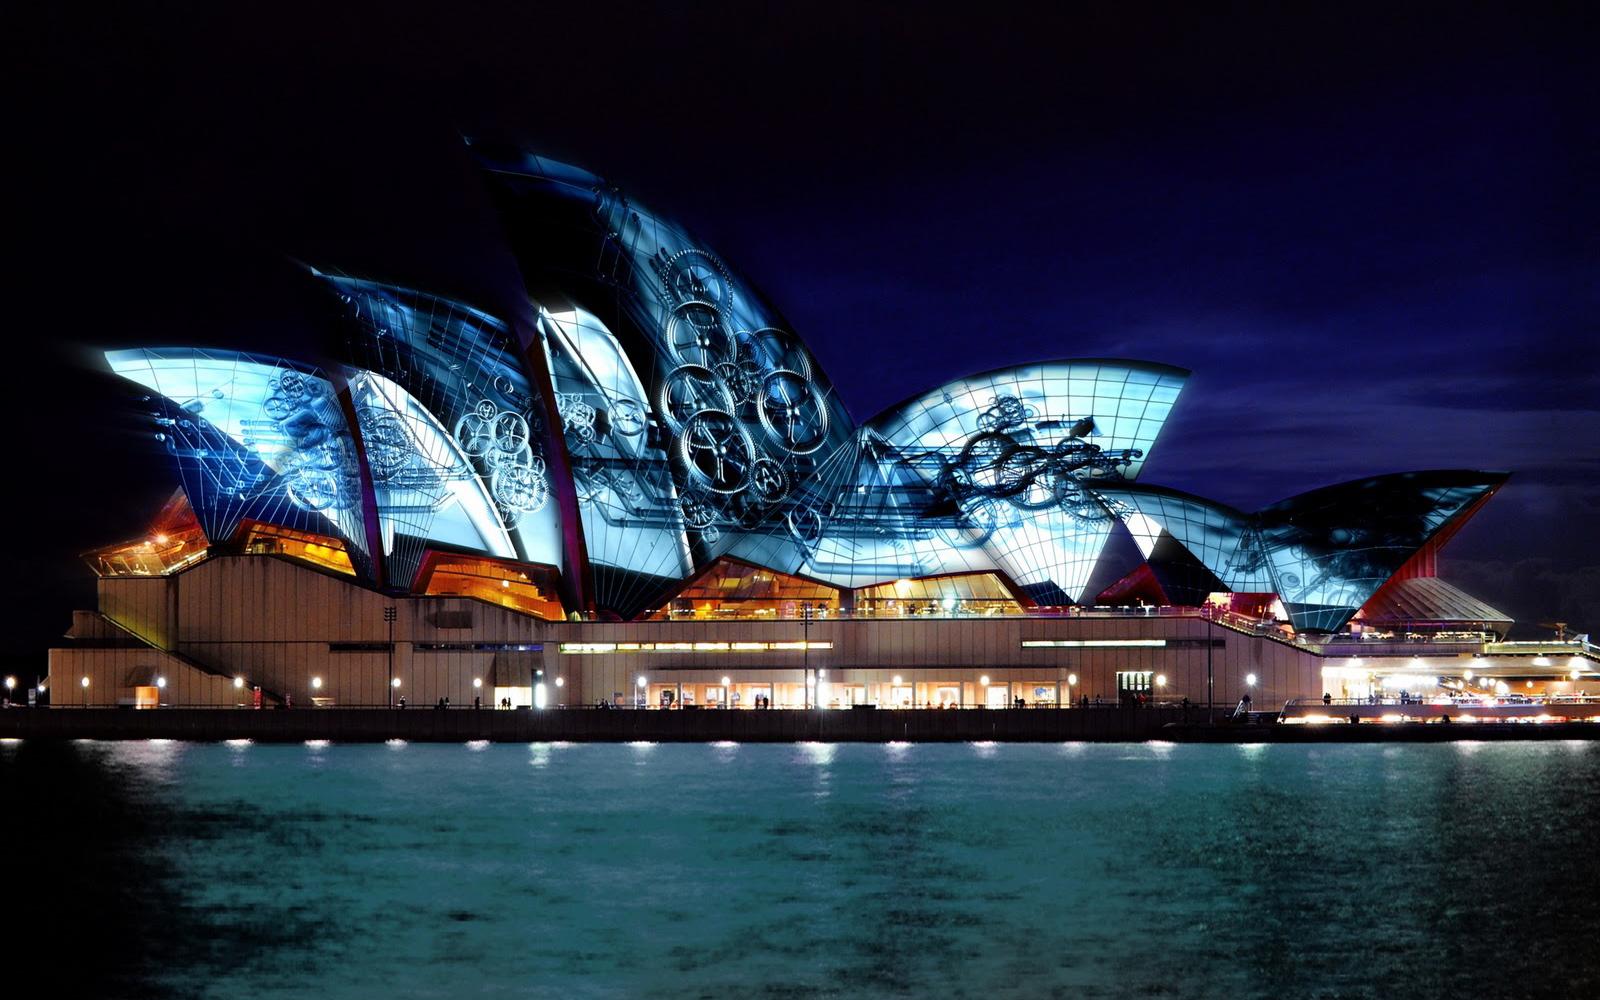 シドニー・オペラハウスの画像 p1_39